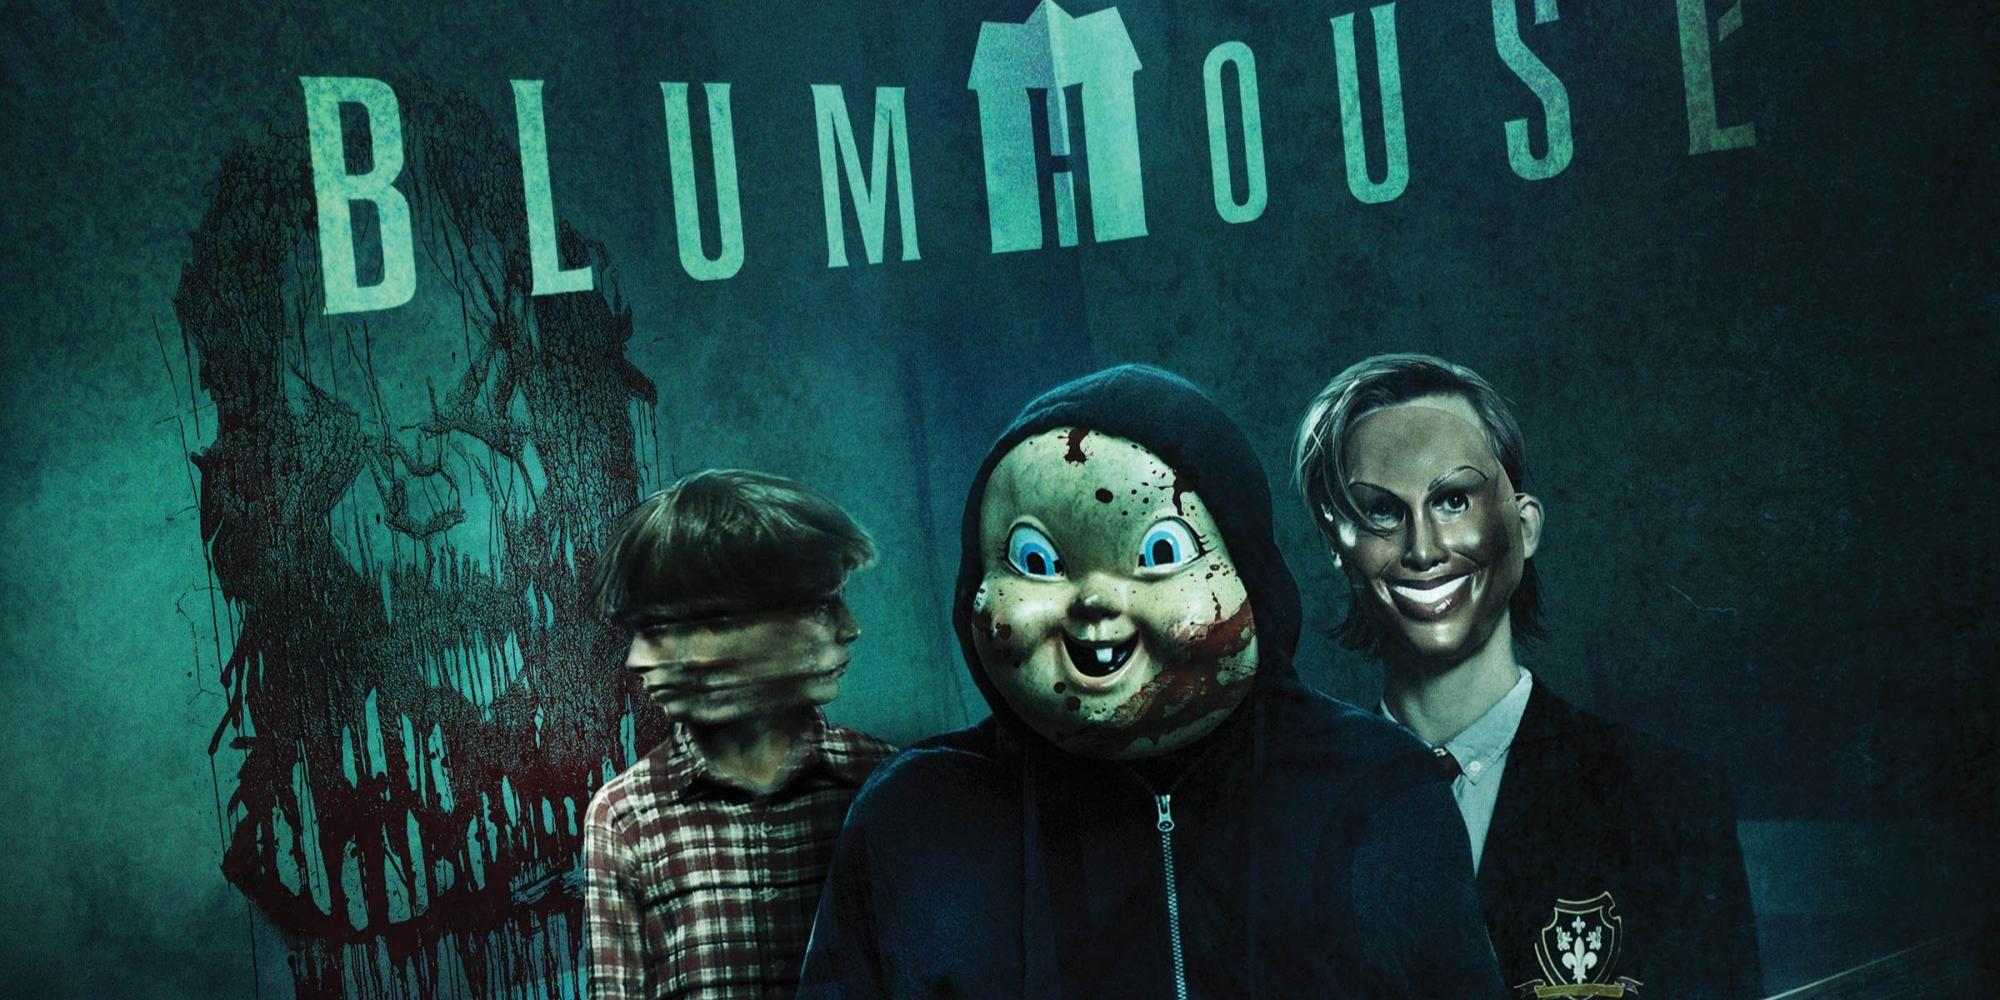 El cineasta Rob Savage ficha acuerdo de 3 películas con Blumhouse